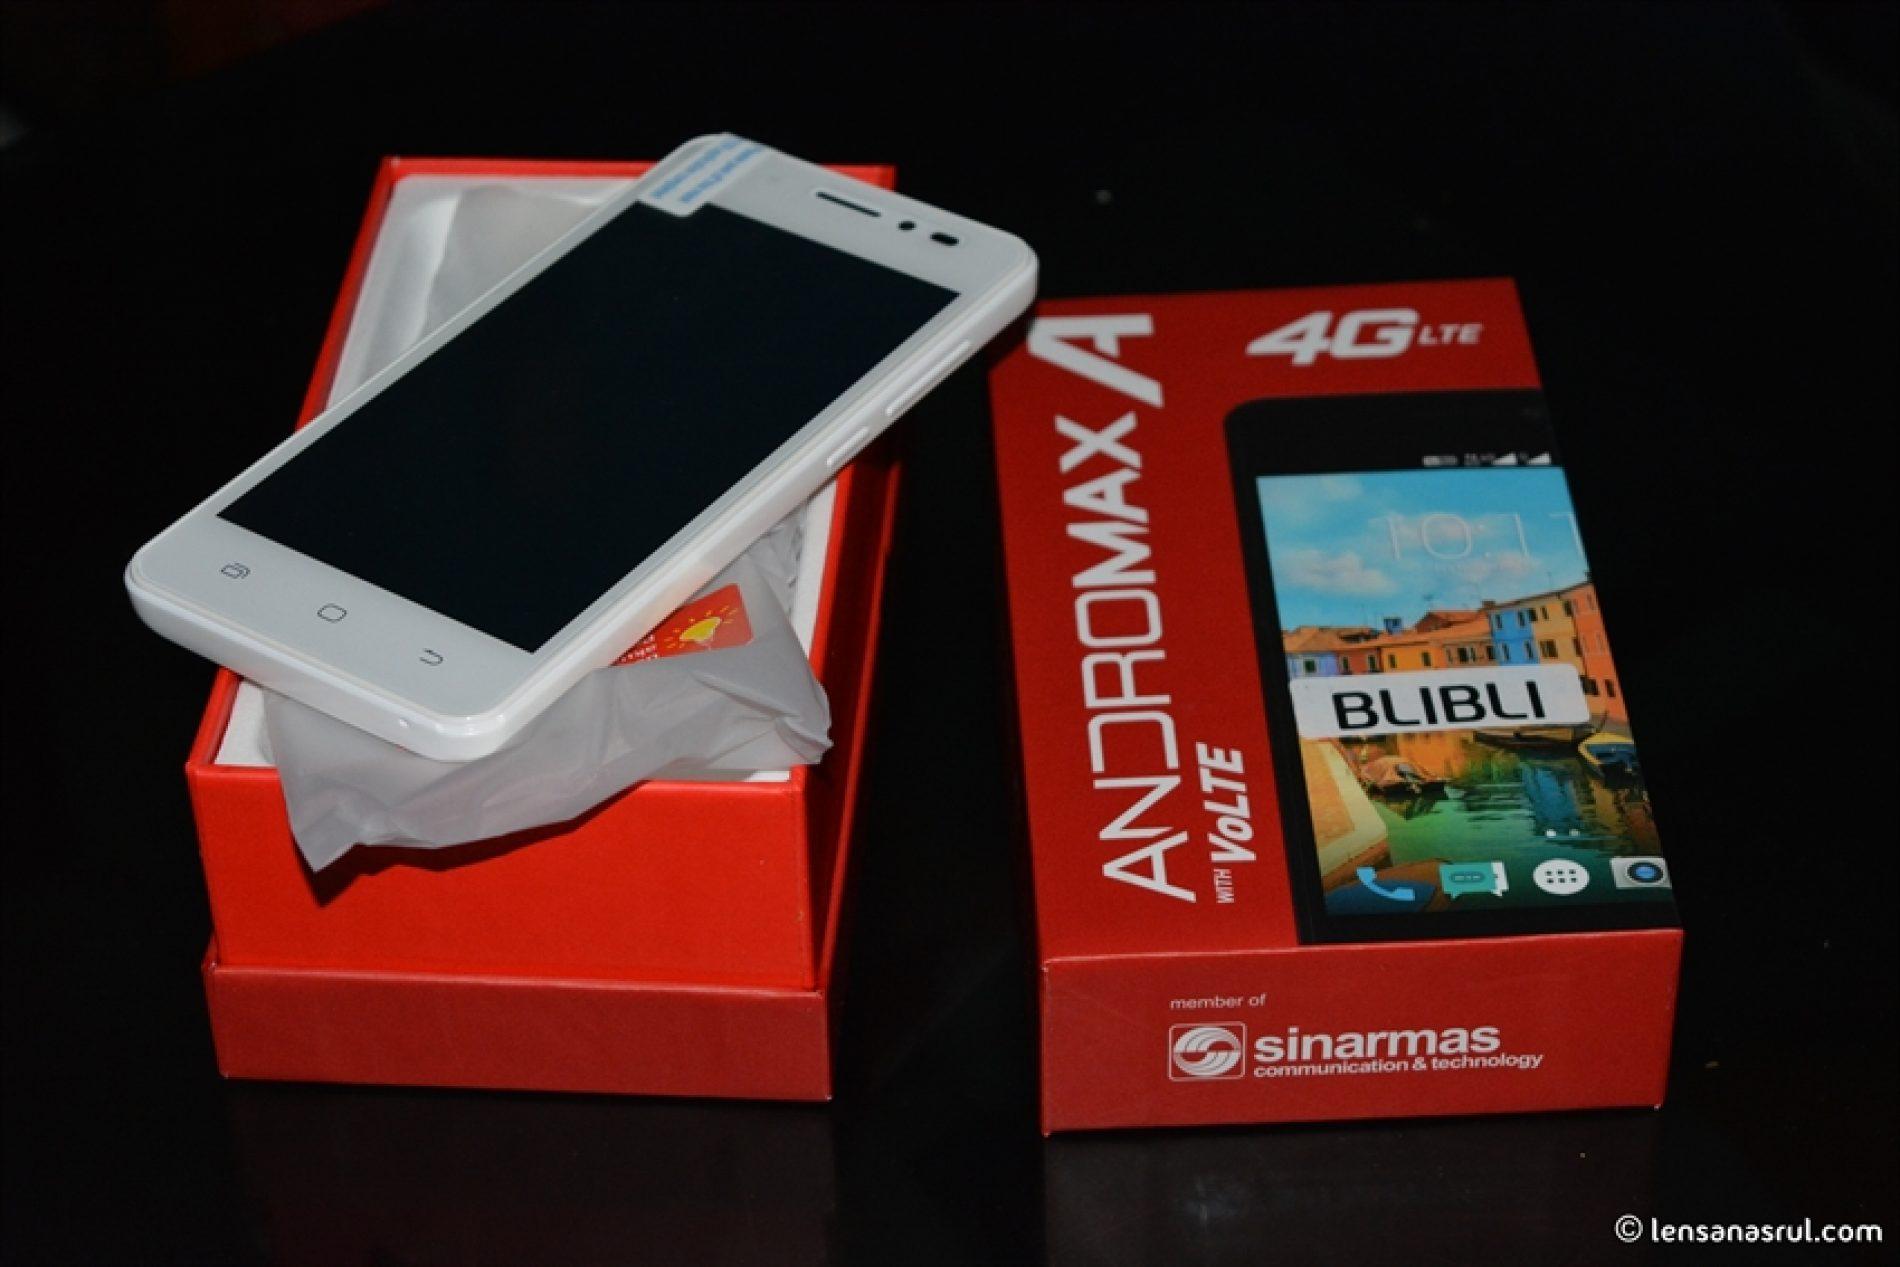 Alhamdulillah, Dapat Andromax A Smartphone Harga 99ribu